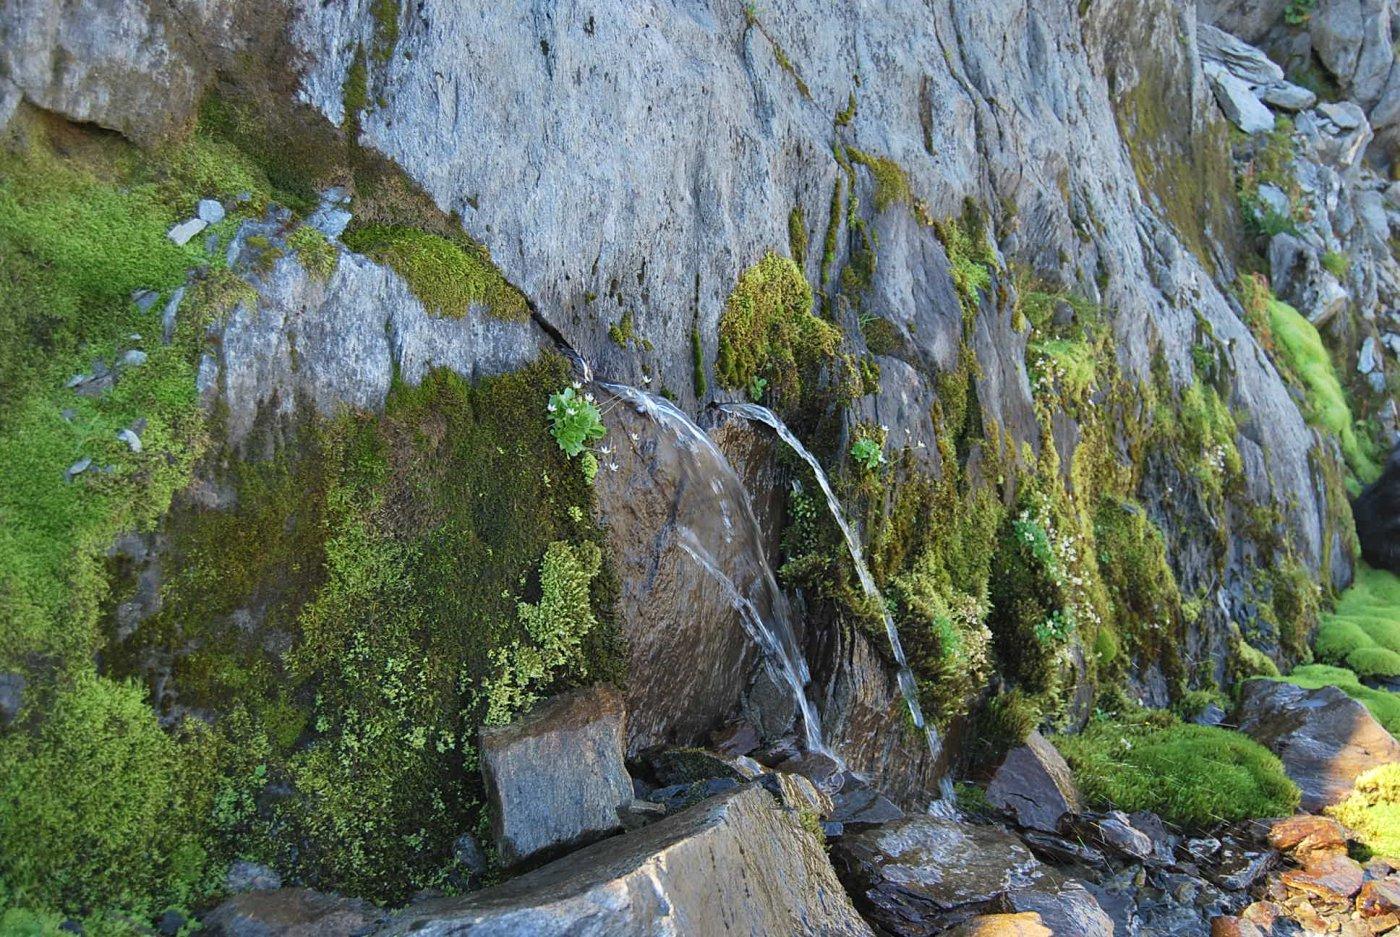 L'acqua che sgorga dalla roccia (non esiste solo nella pubblicità)